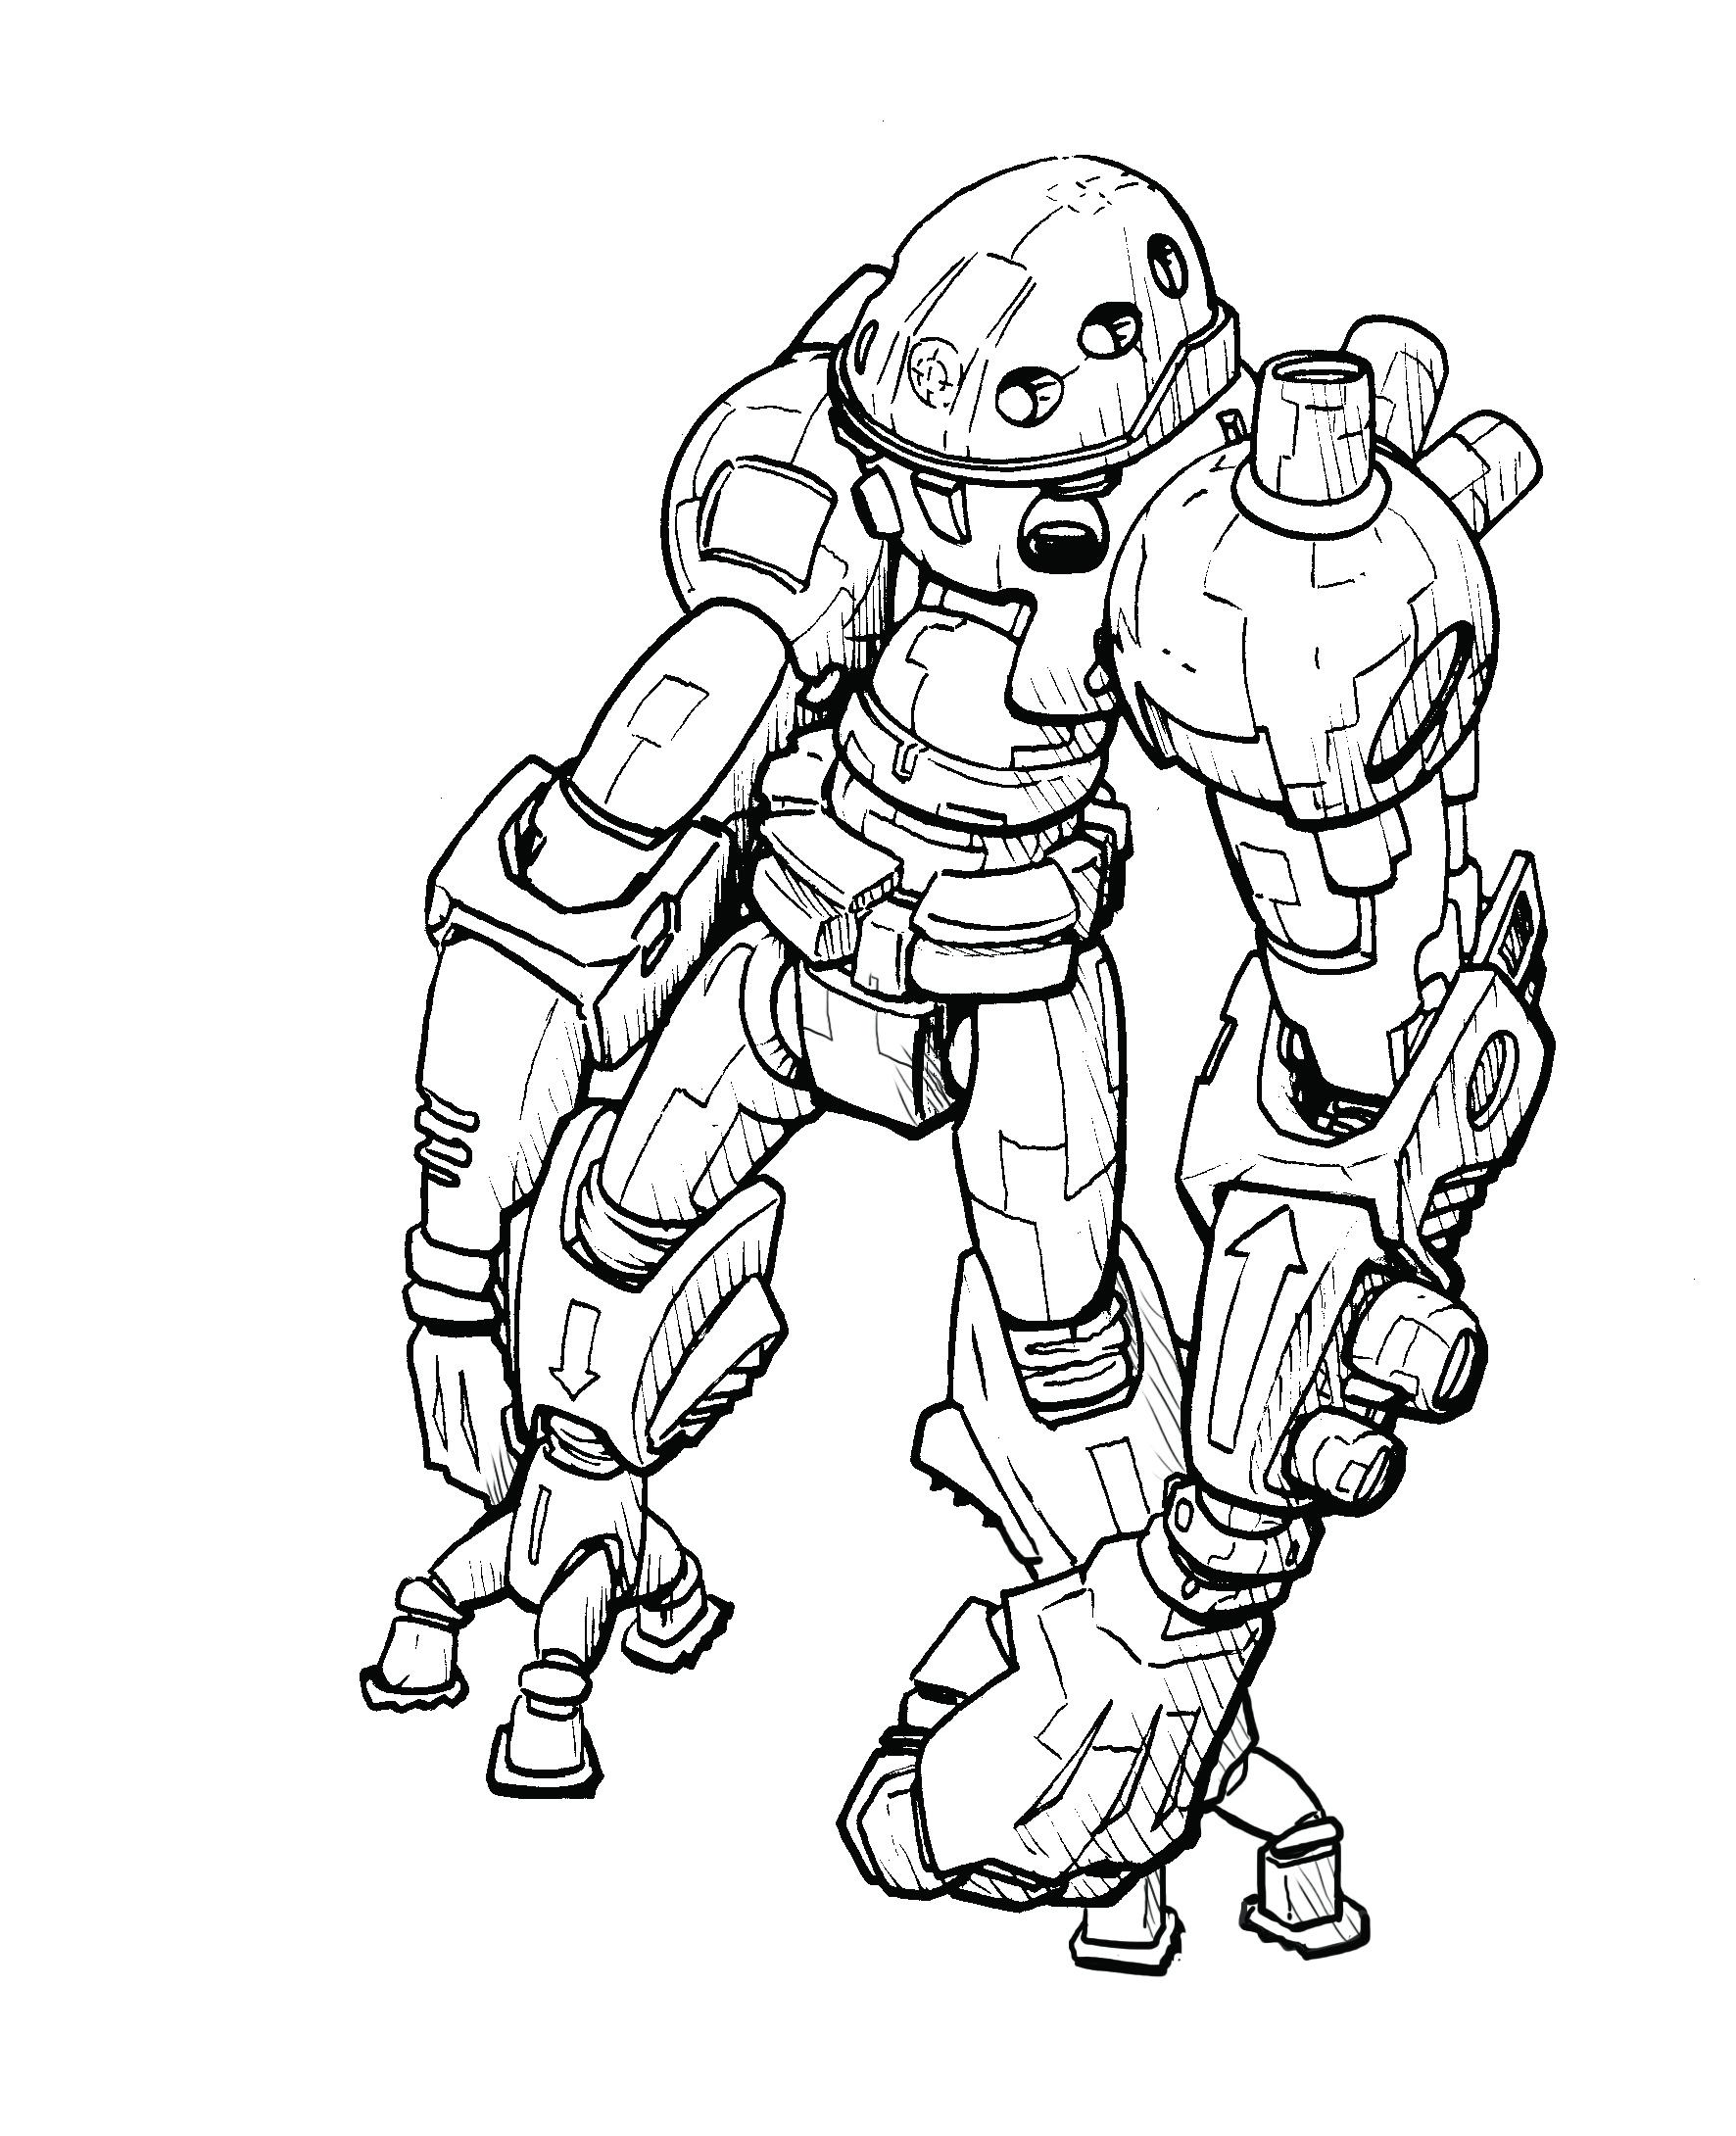 Drawn suit robot Arms! samgarlandillustrations pretend I me